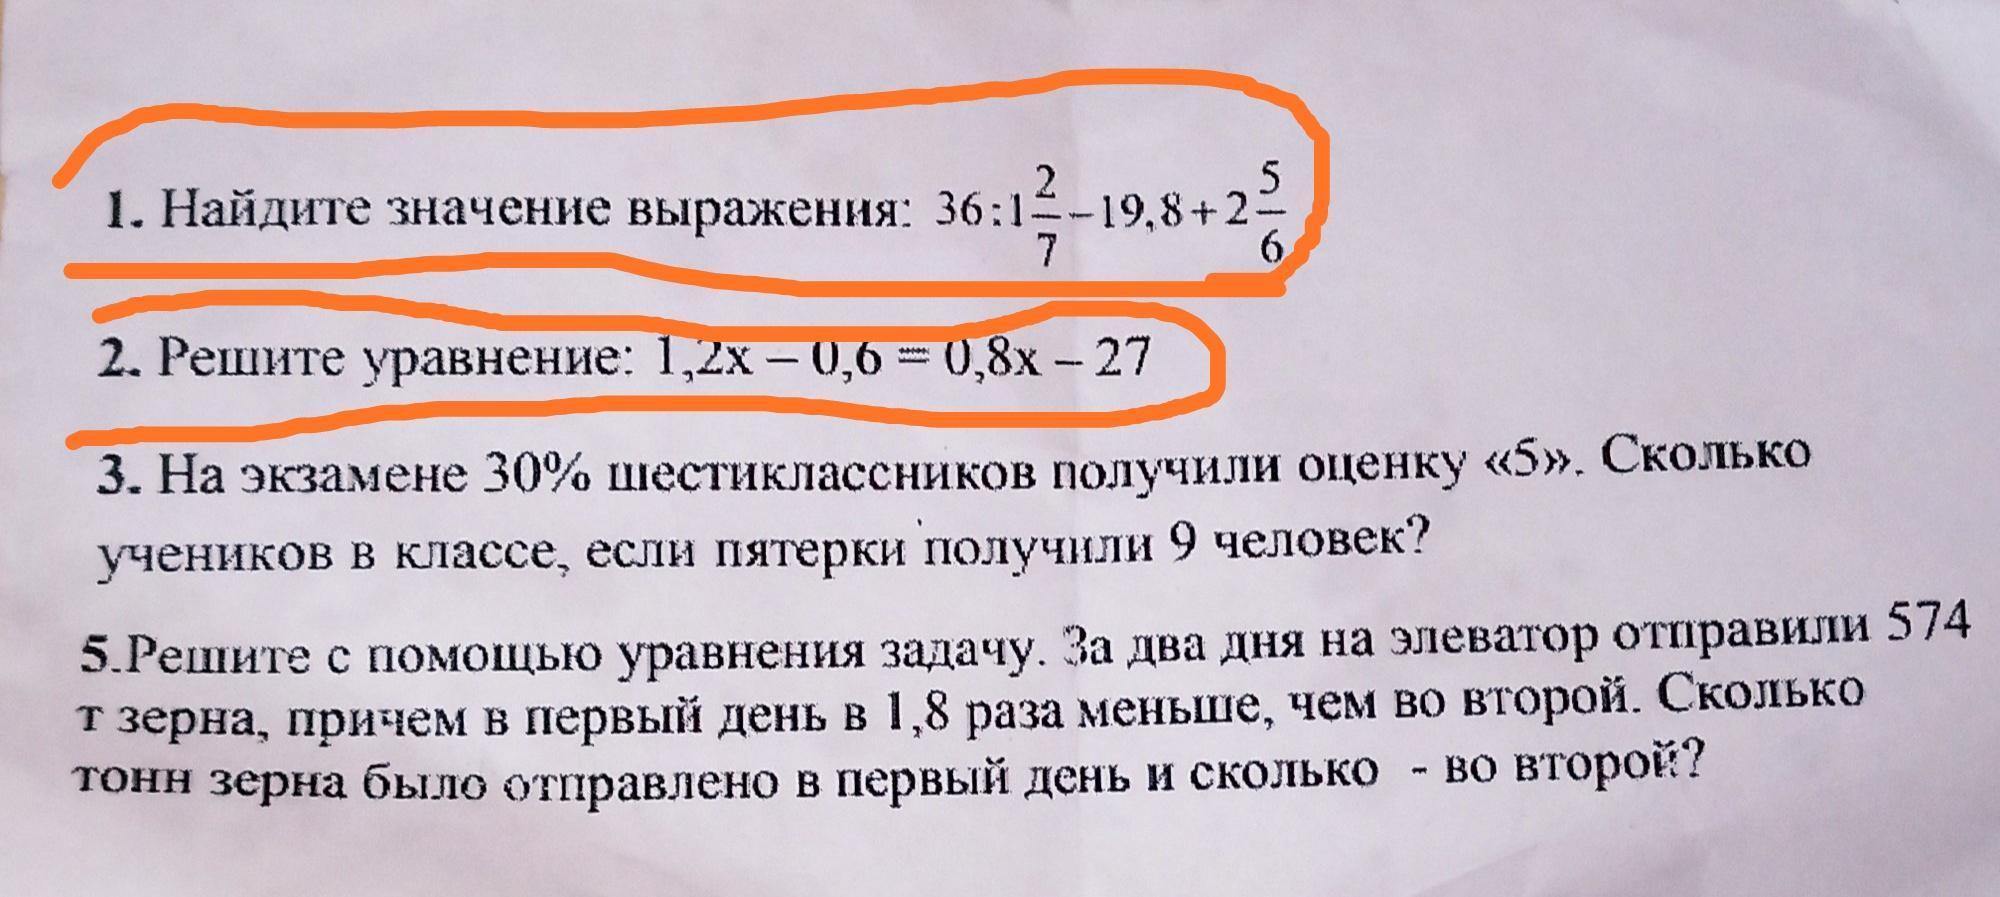 Решите задачу с помощью уравнения за два дня на элеватор отправили форд транспортер купить бу авито